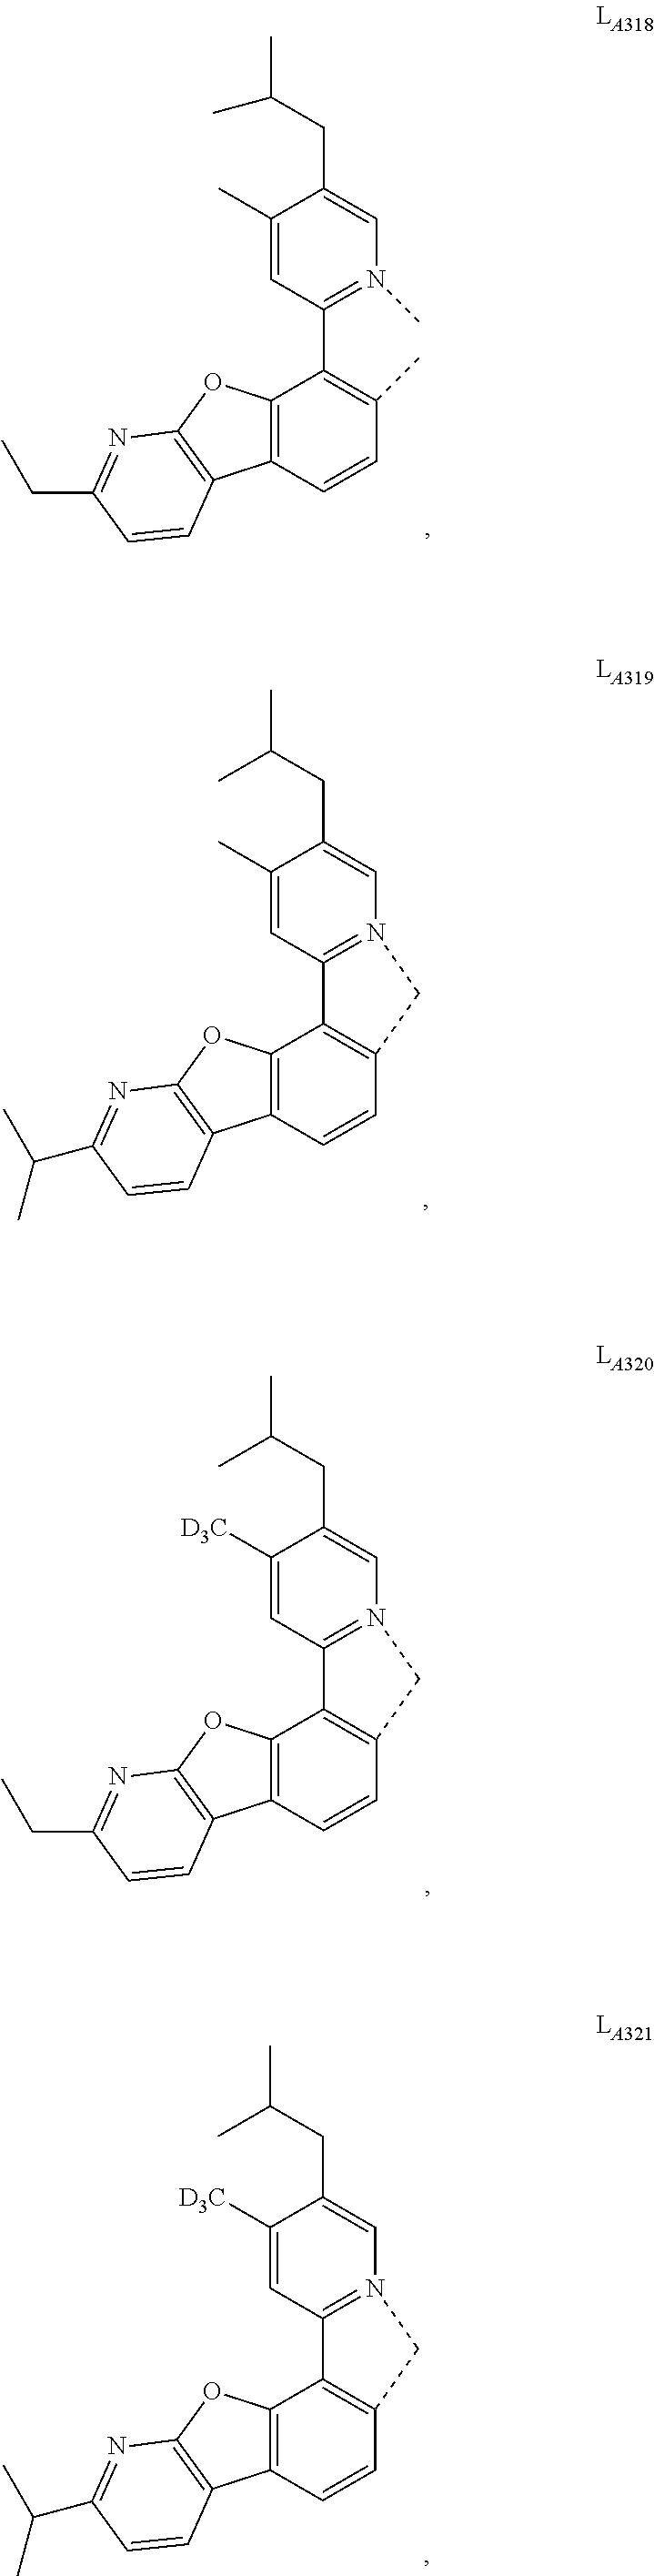 Figure US20160049599A1-20160218-C00084